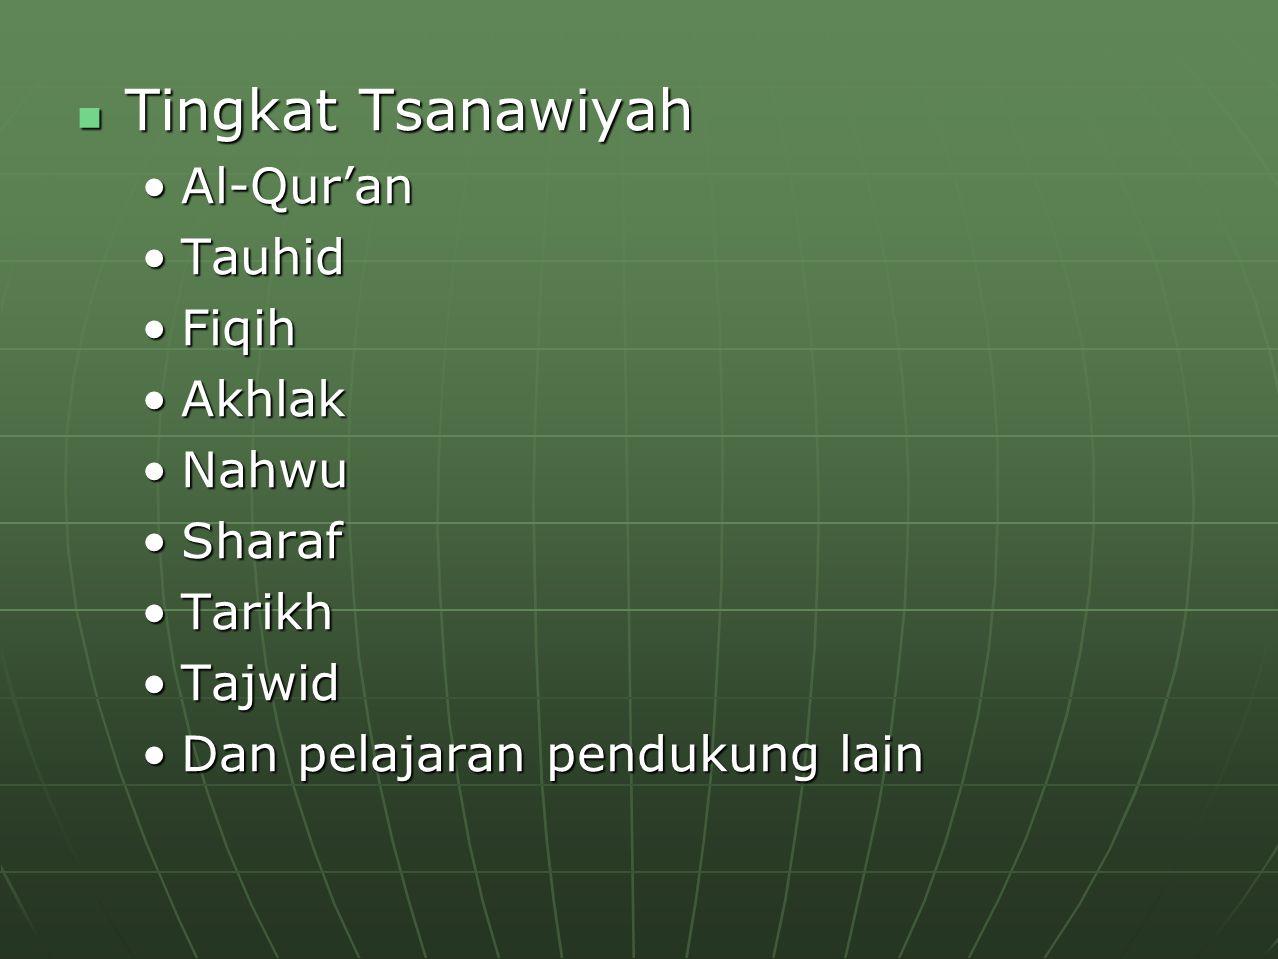 Tingkat Tsanawiyah Tingkat Tsanawiyah Al-Qur'anAl-Qur'an TauhidTauhid FiqihFiqih AkhlakAkhlak NahwuNahwu SharafSharaf TarikhTarikh TajwidTajwid Dan pe